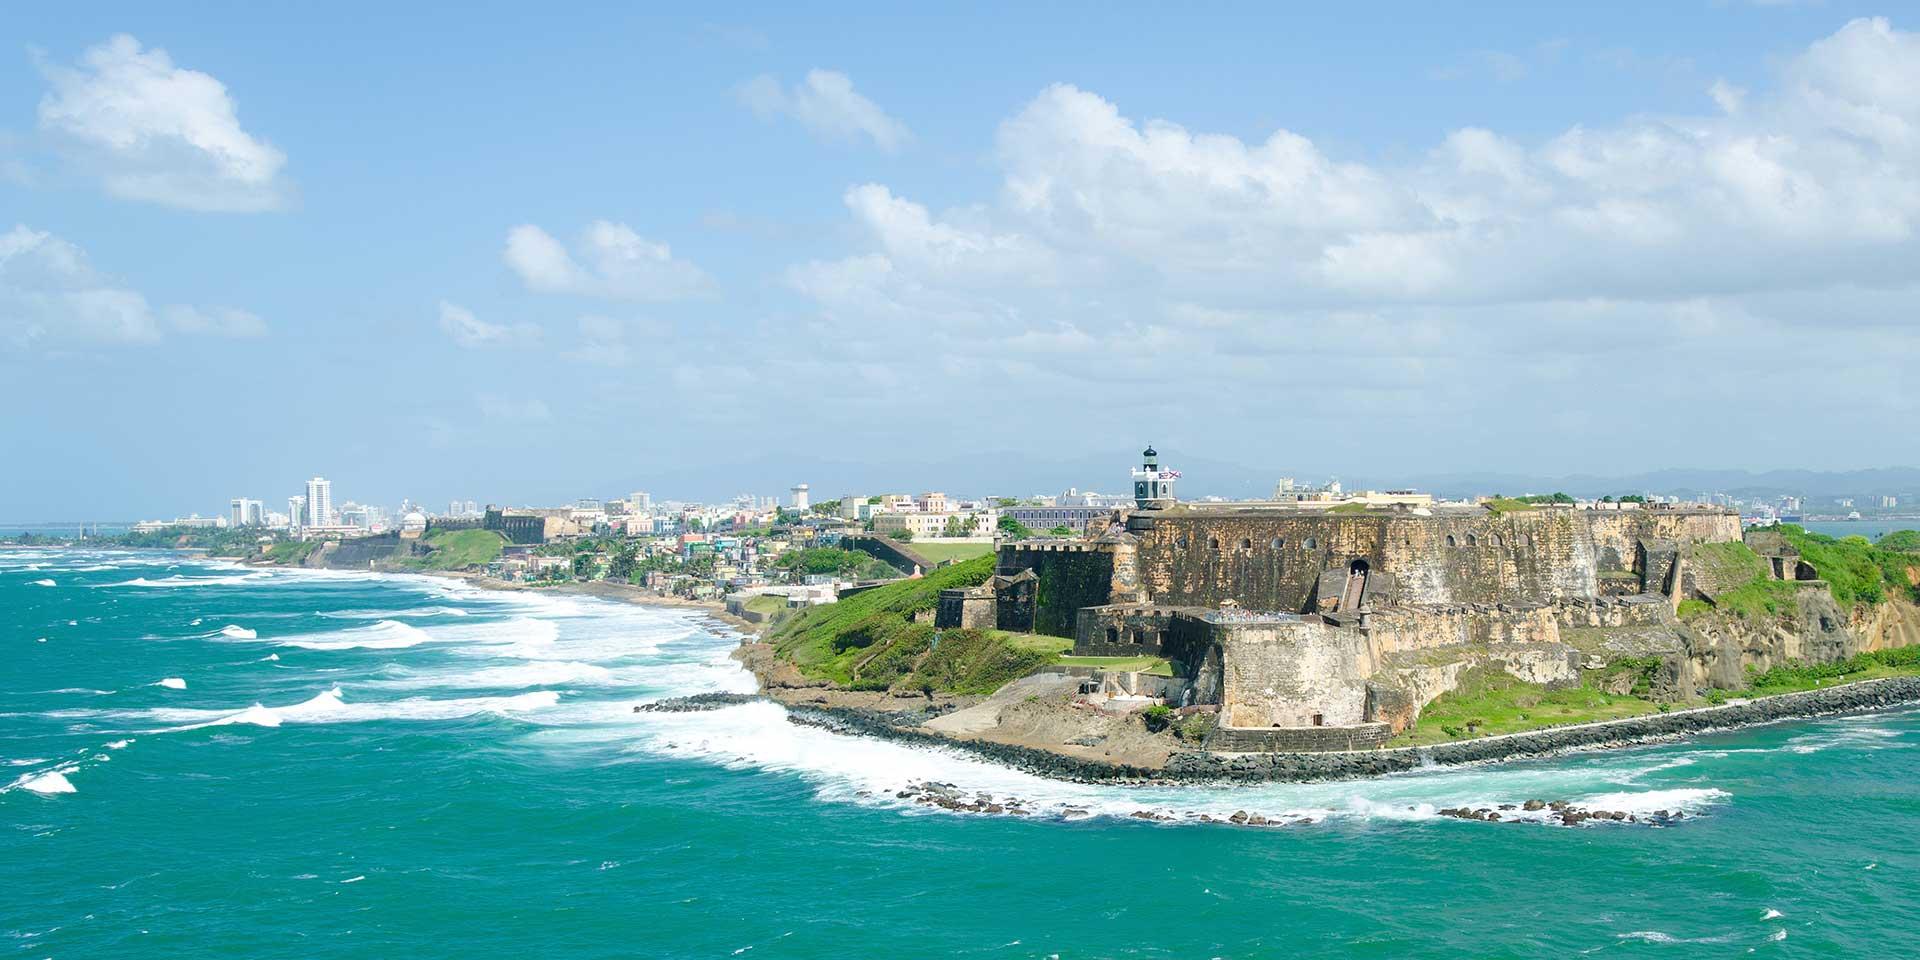 MI in Puerto Rico